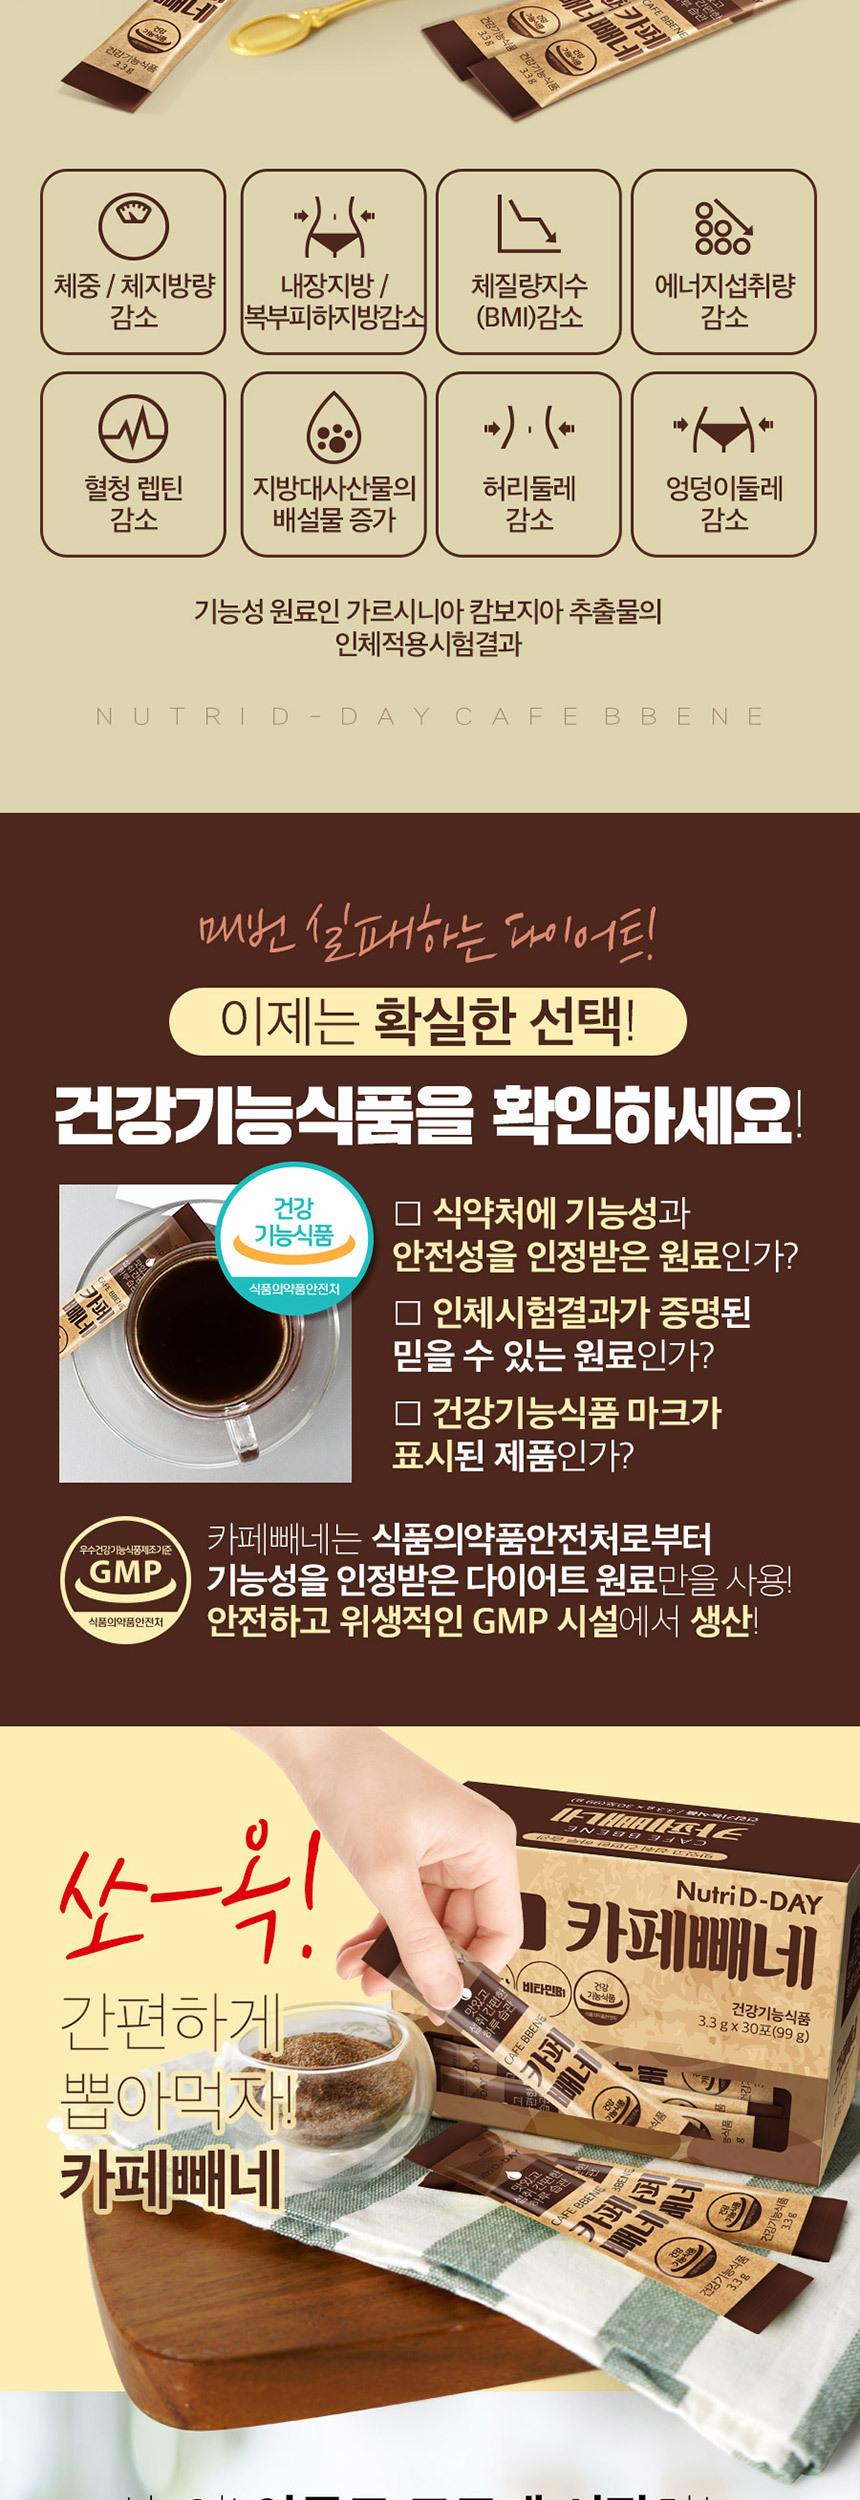 nutri-cafe-bbene-detail-04-1-.jpg